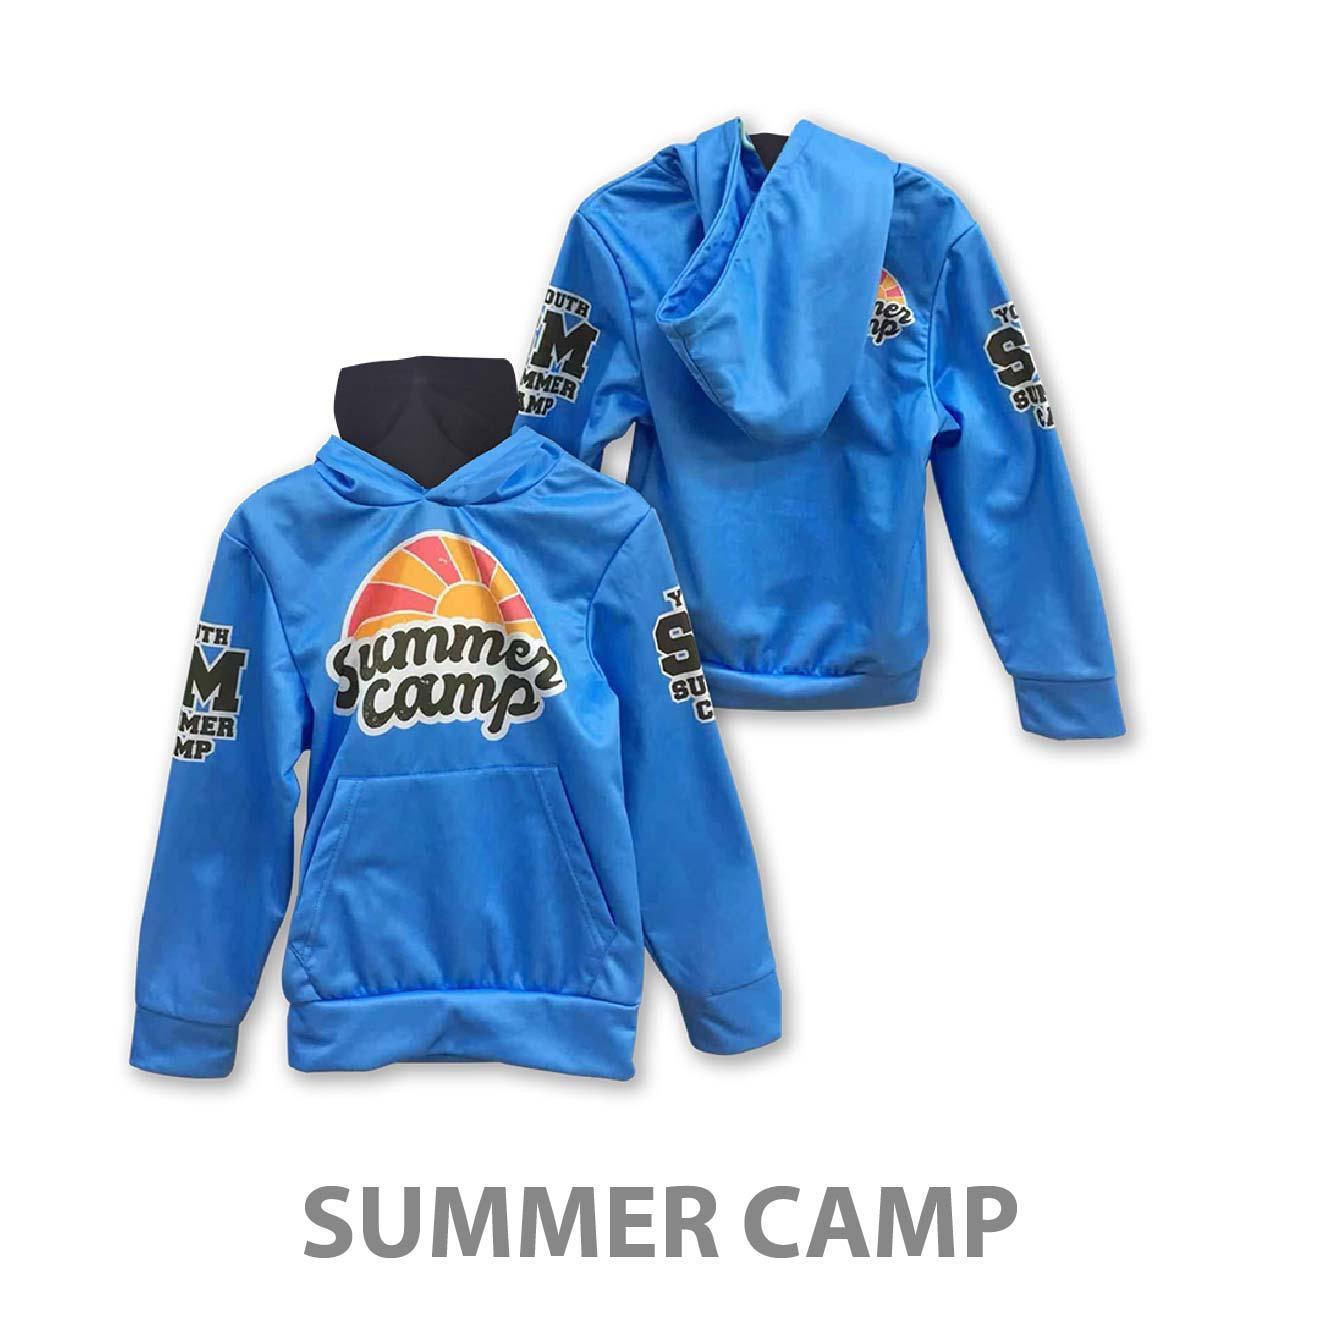 HOODIES_PR046_SUMMER CAMP